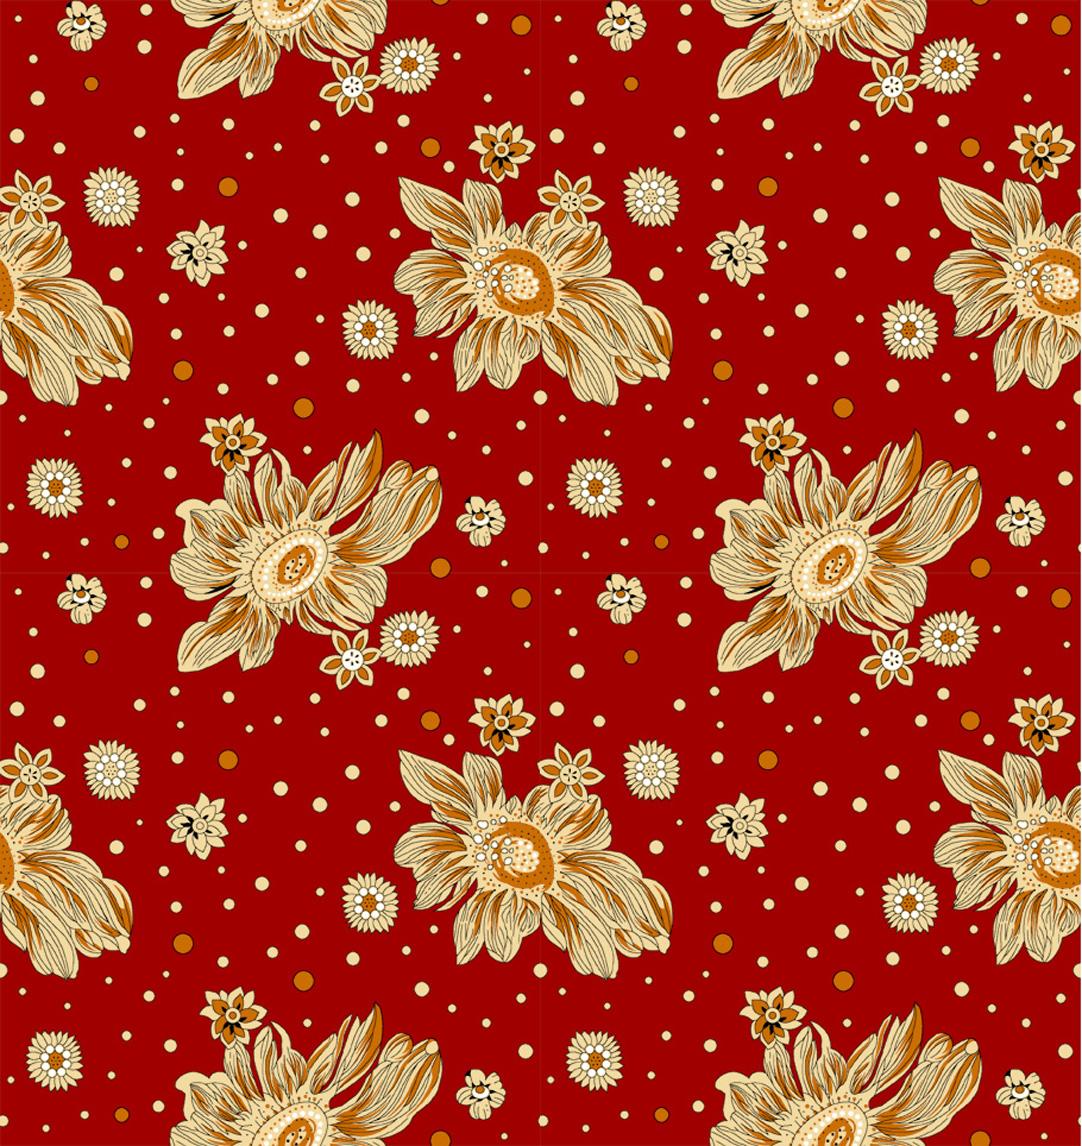 Free textile designing for best design studio fabric for Fabric designs